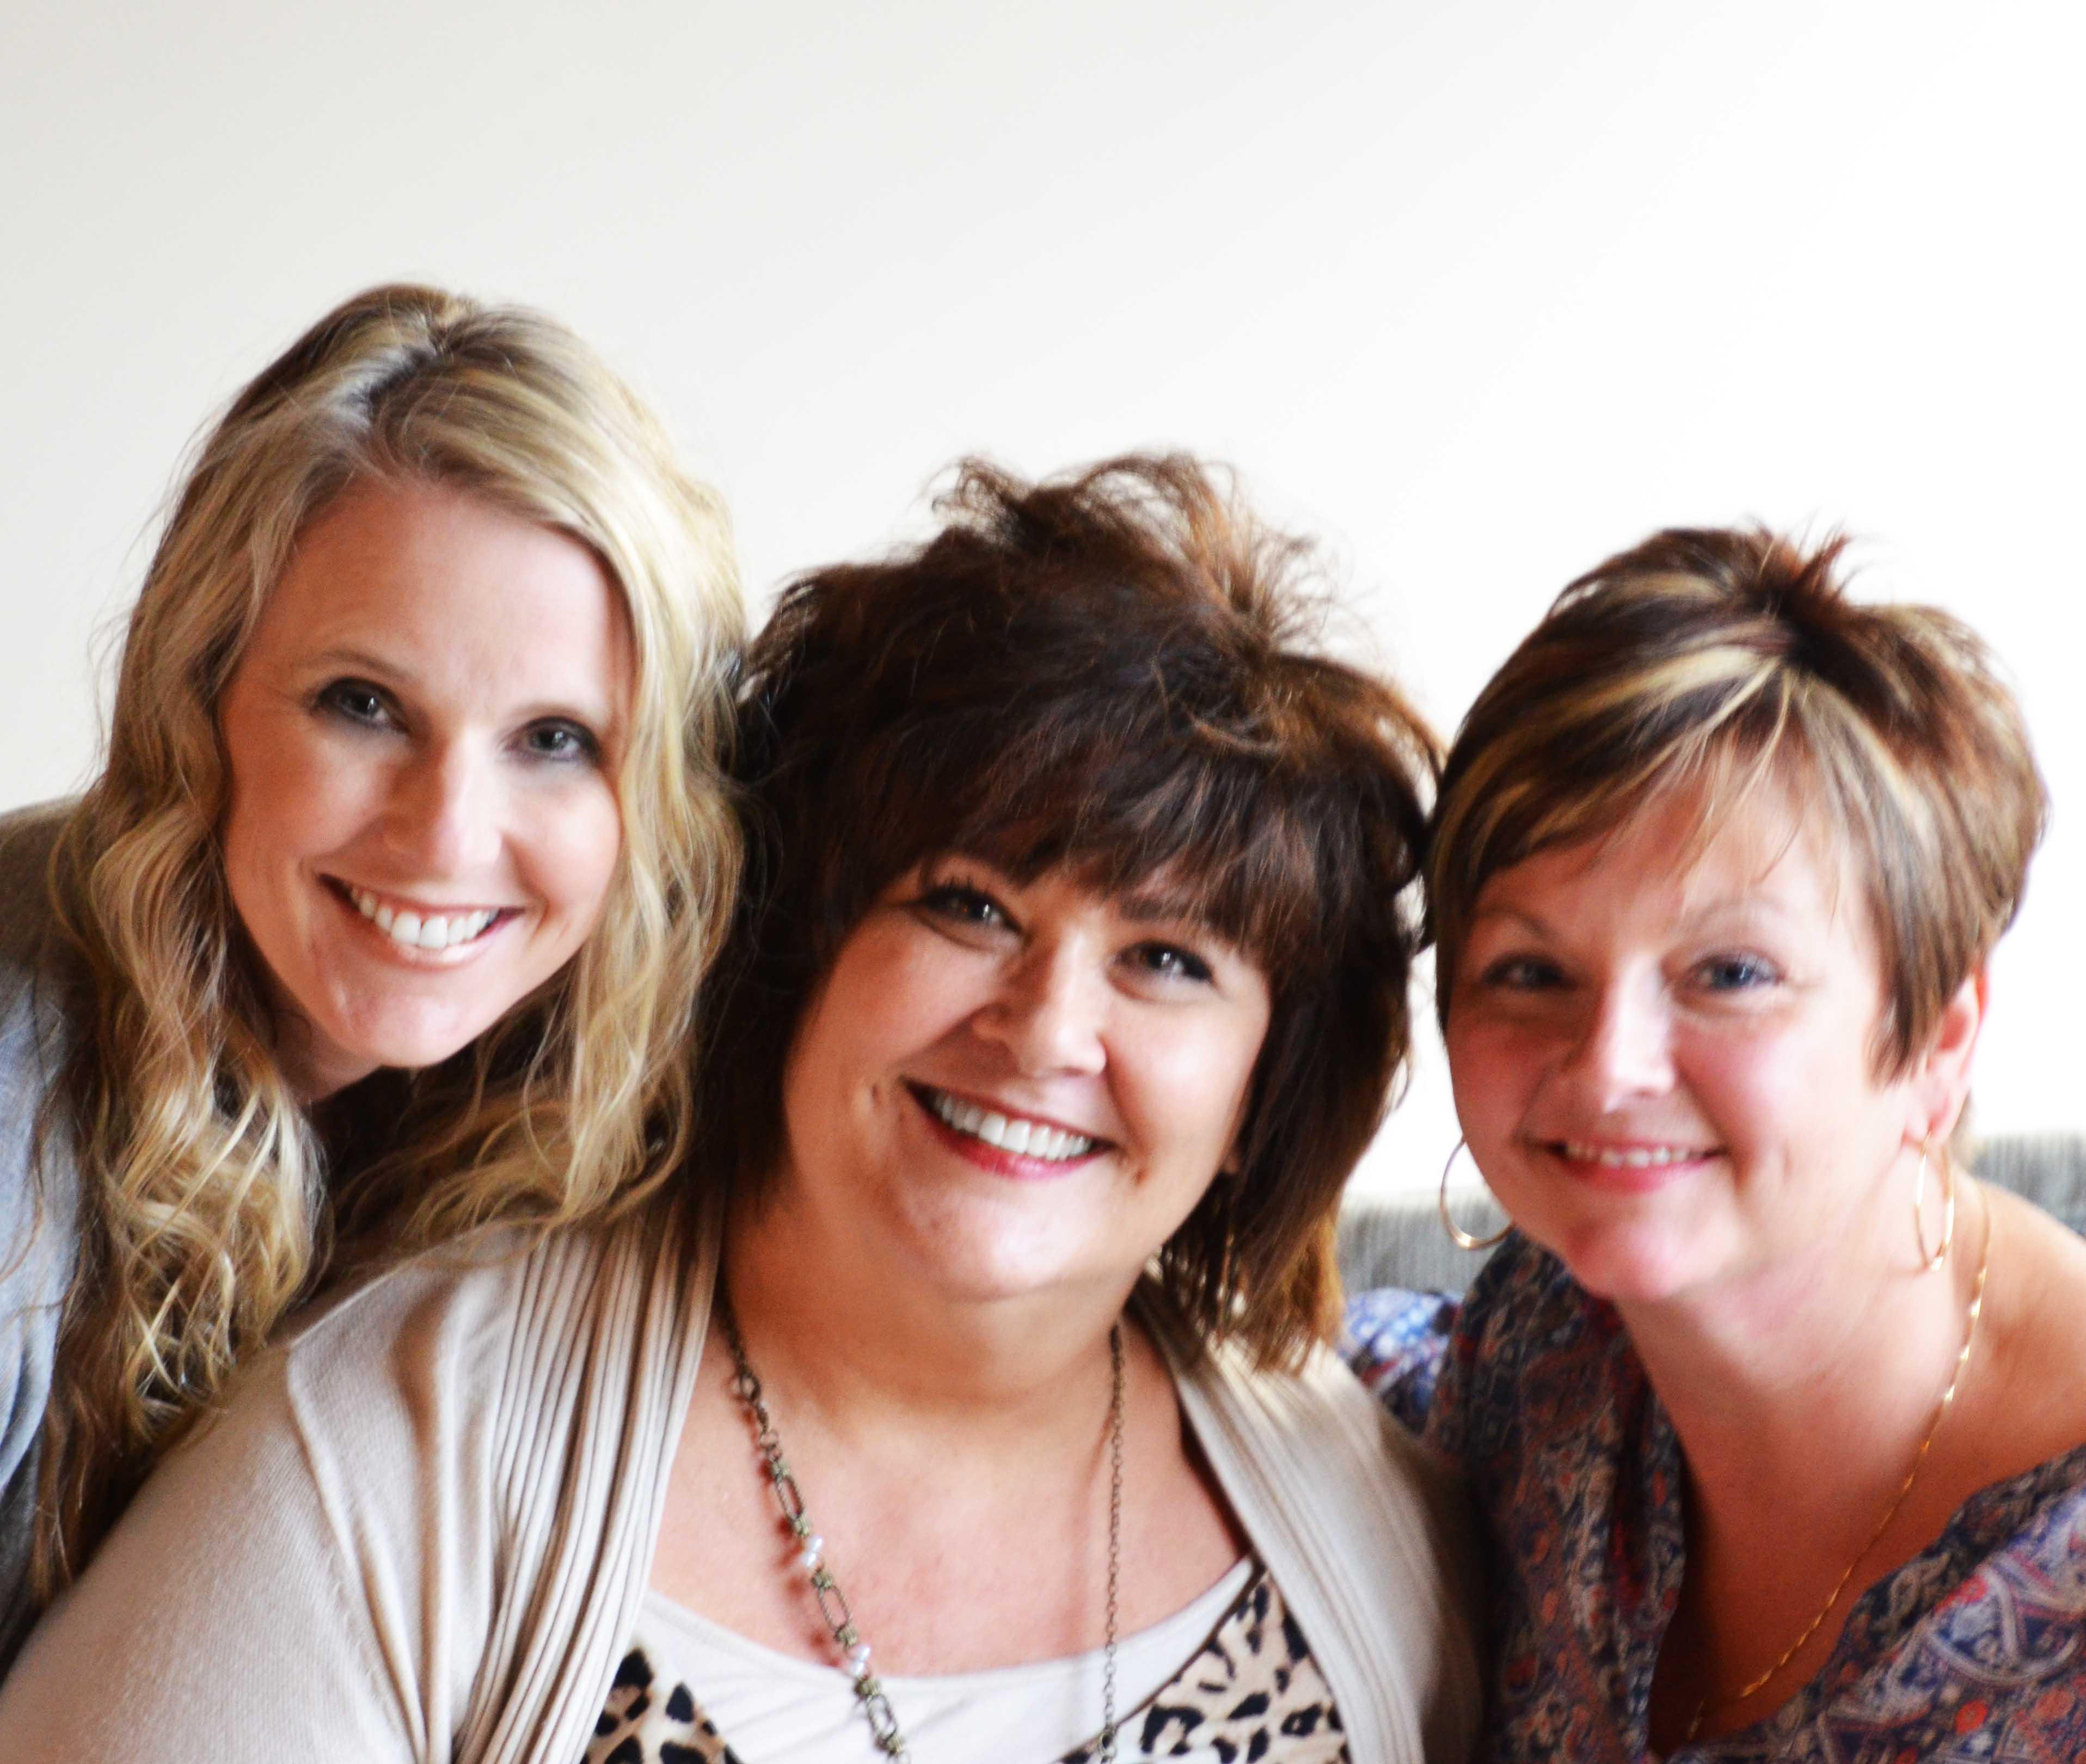 Cheryl, Lori & Mendi